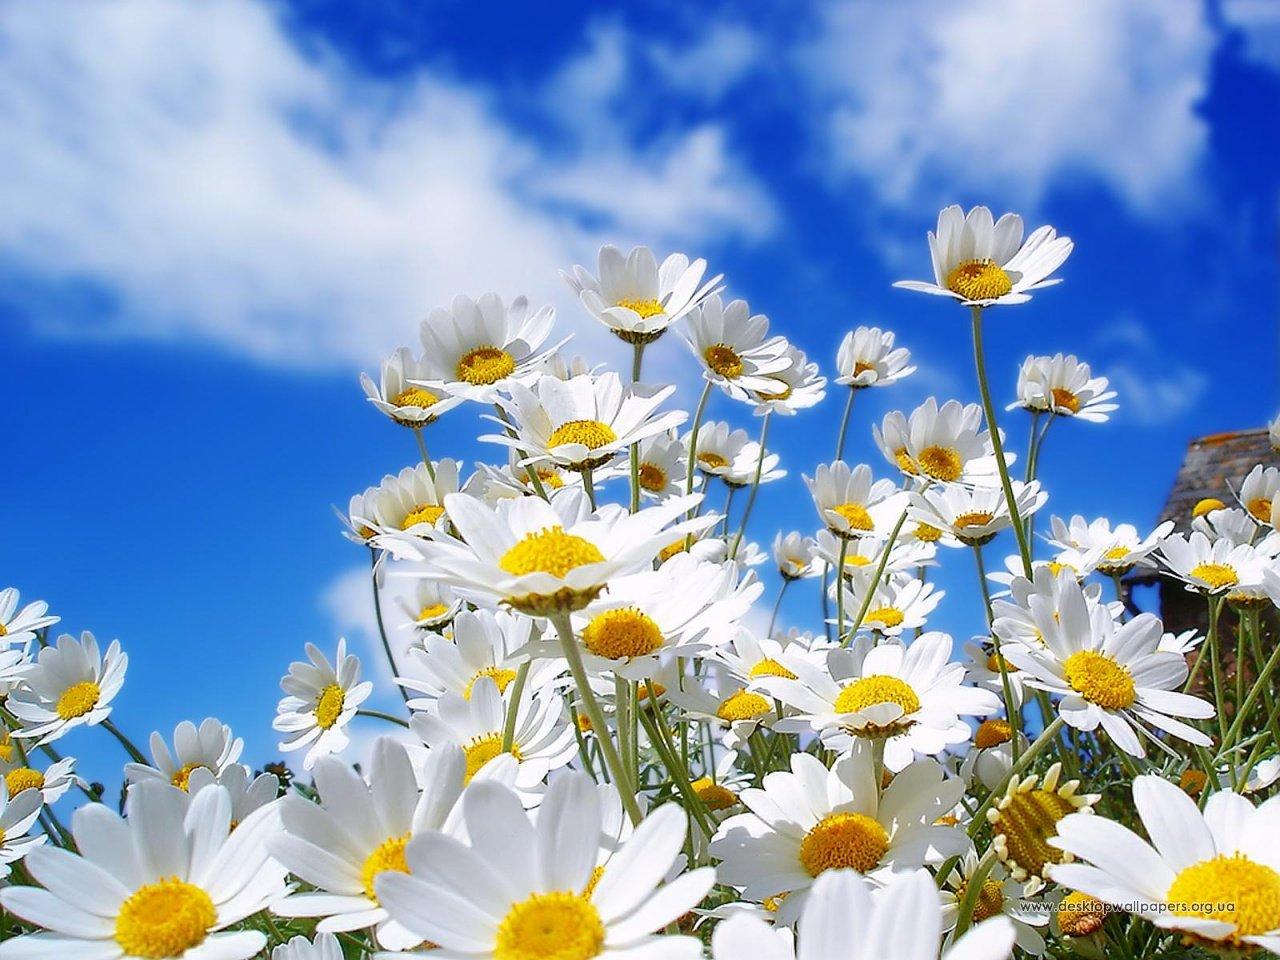 Шпалери квіти spring daisy